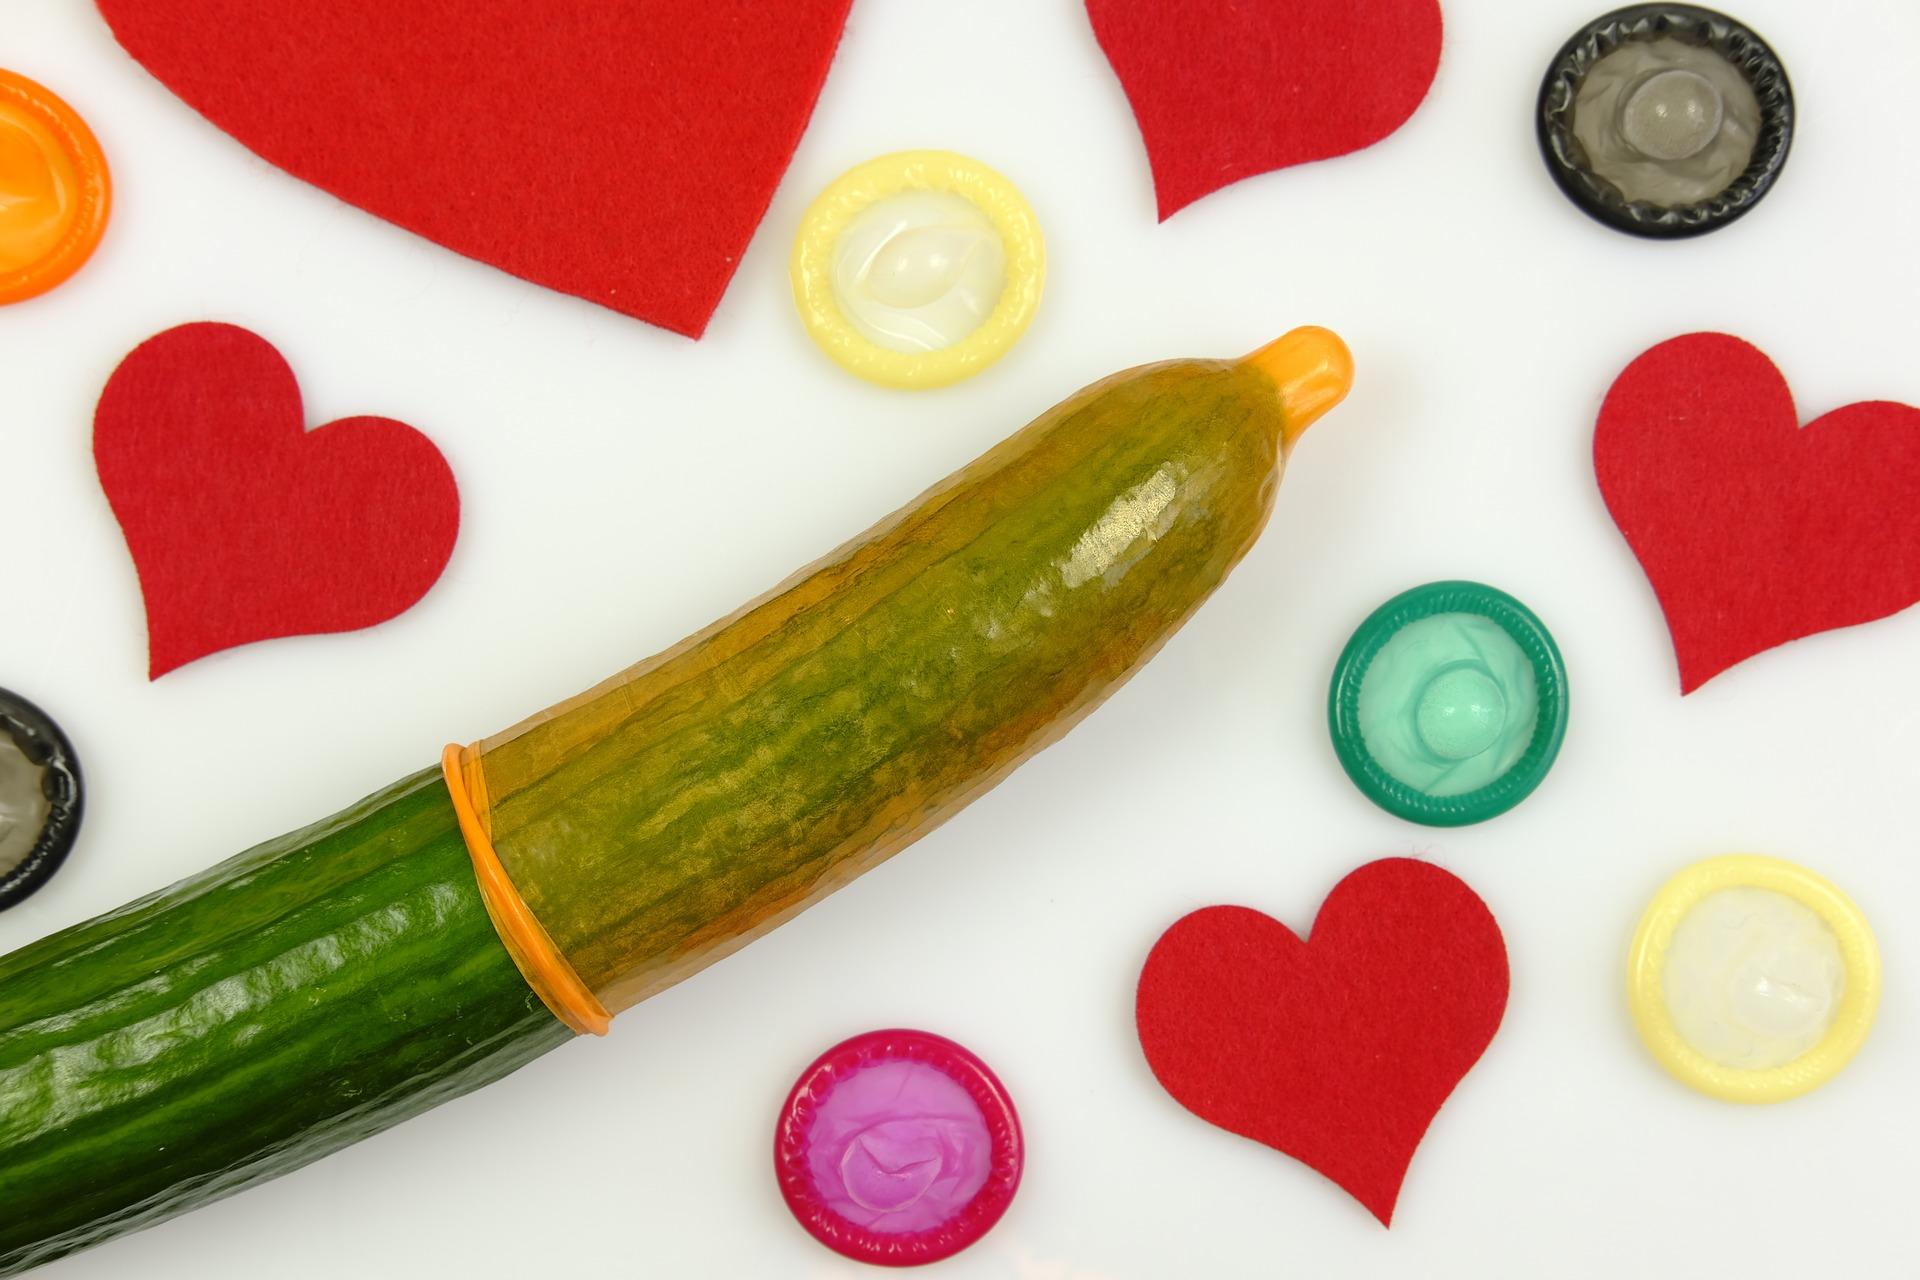 condom-3112069_1920